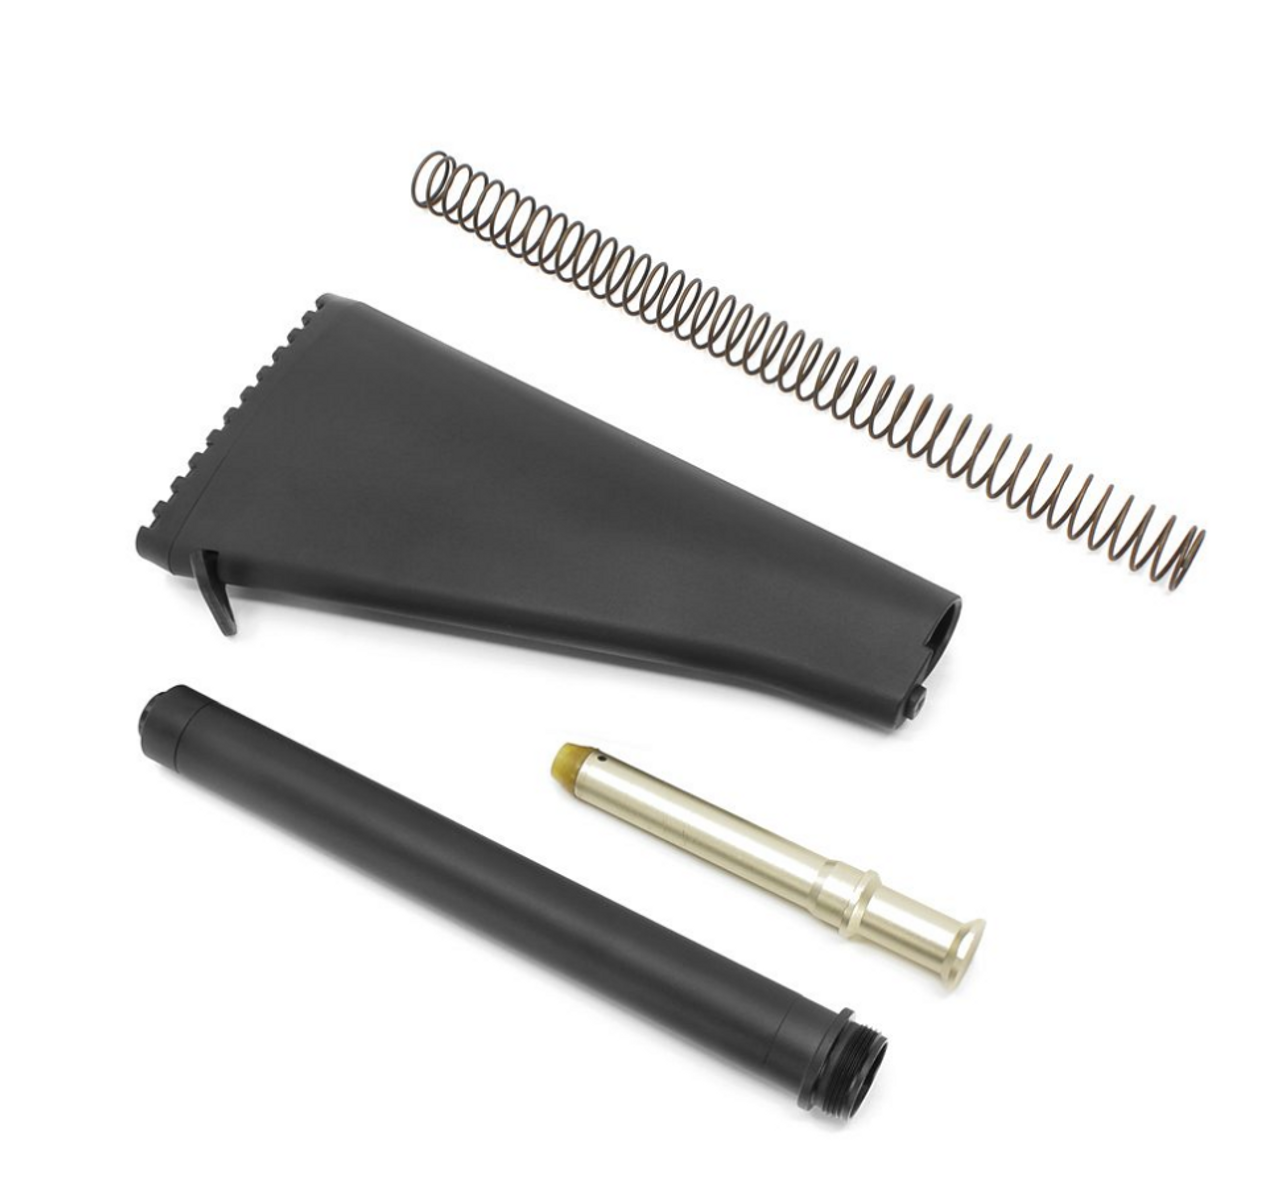 A2 Stock Mil-Spec Kit - Black